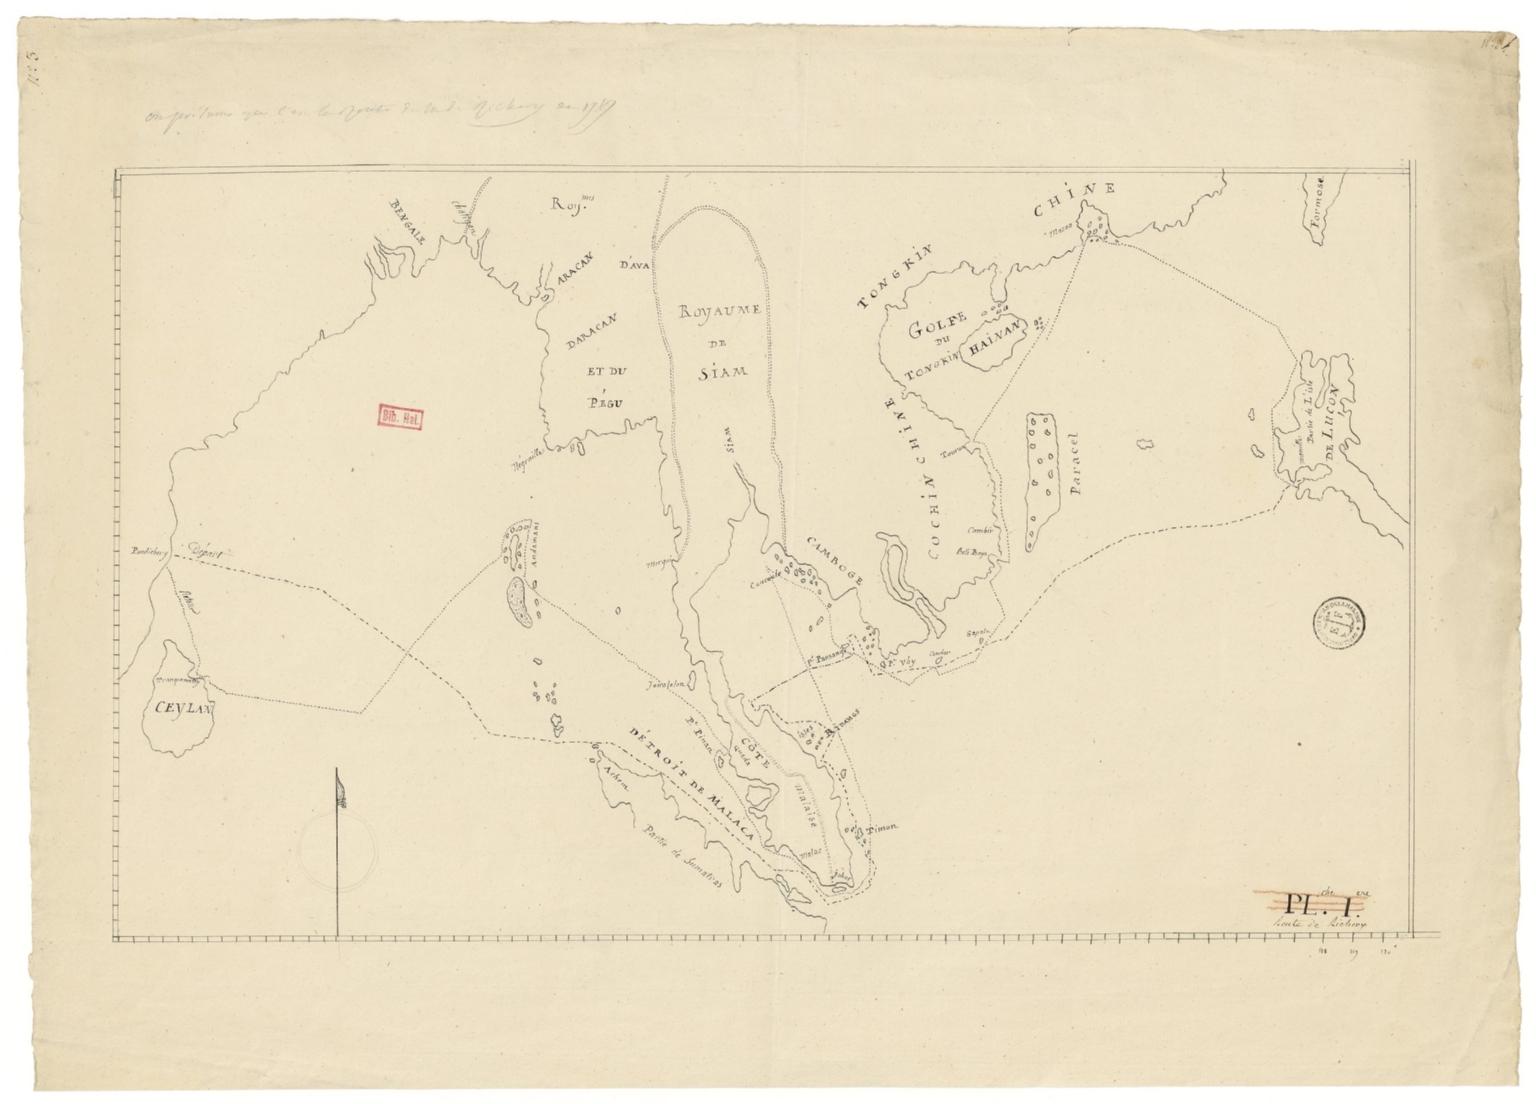 Route de M. de Richery en 1787 de Pondichery a Canton